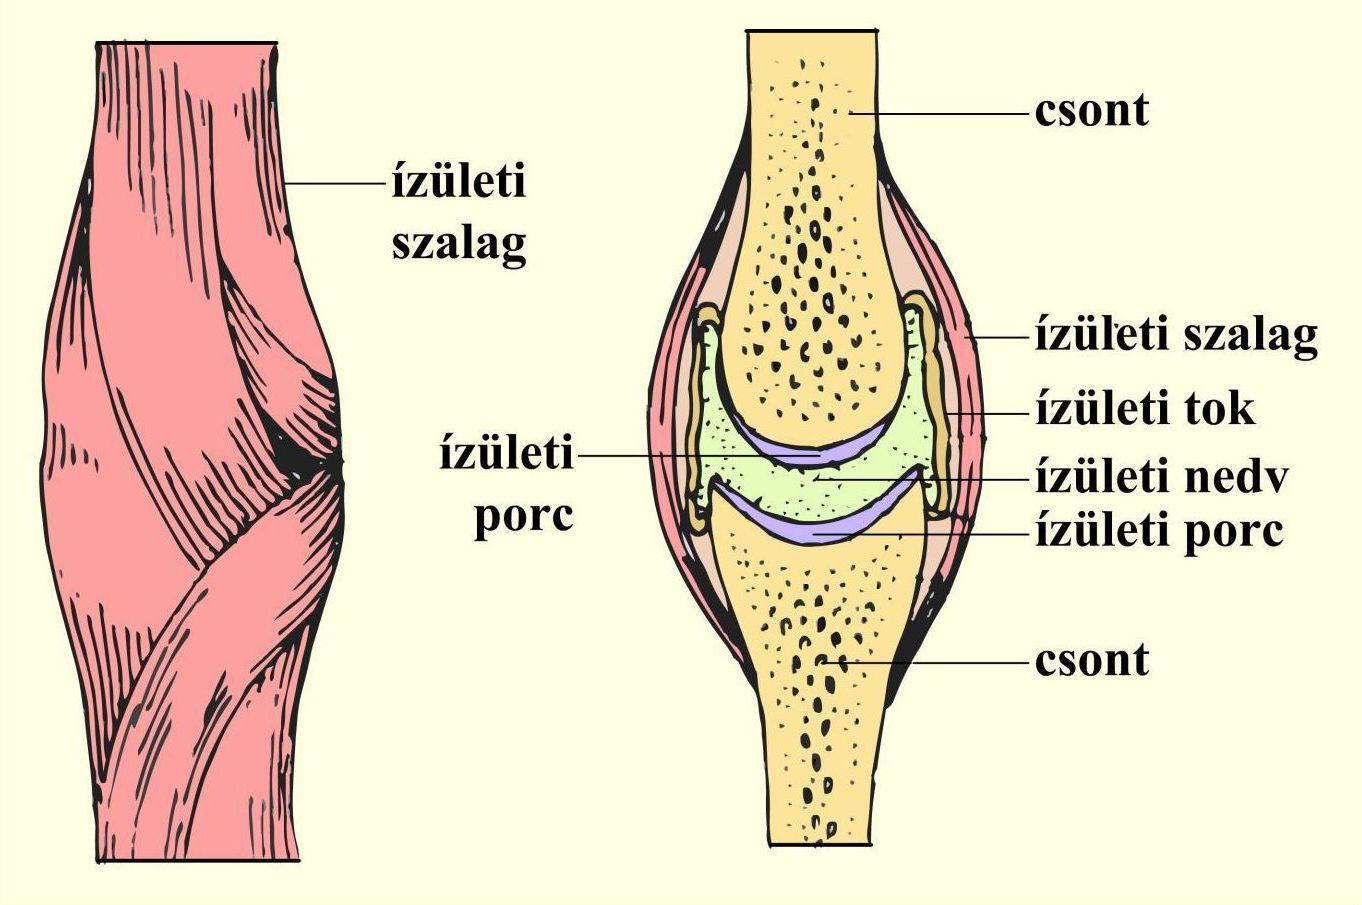 típusú kenőcsök ízületek kenőcs térdfájdalom esetén